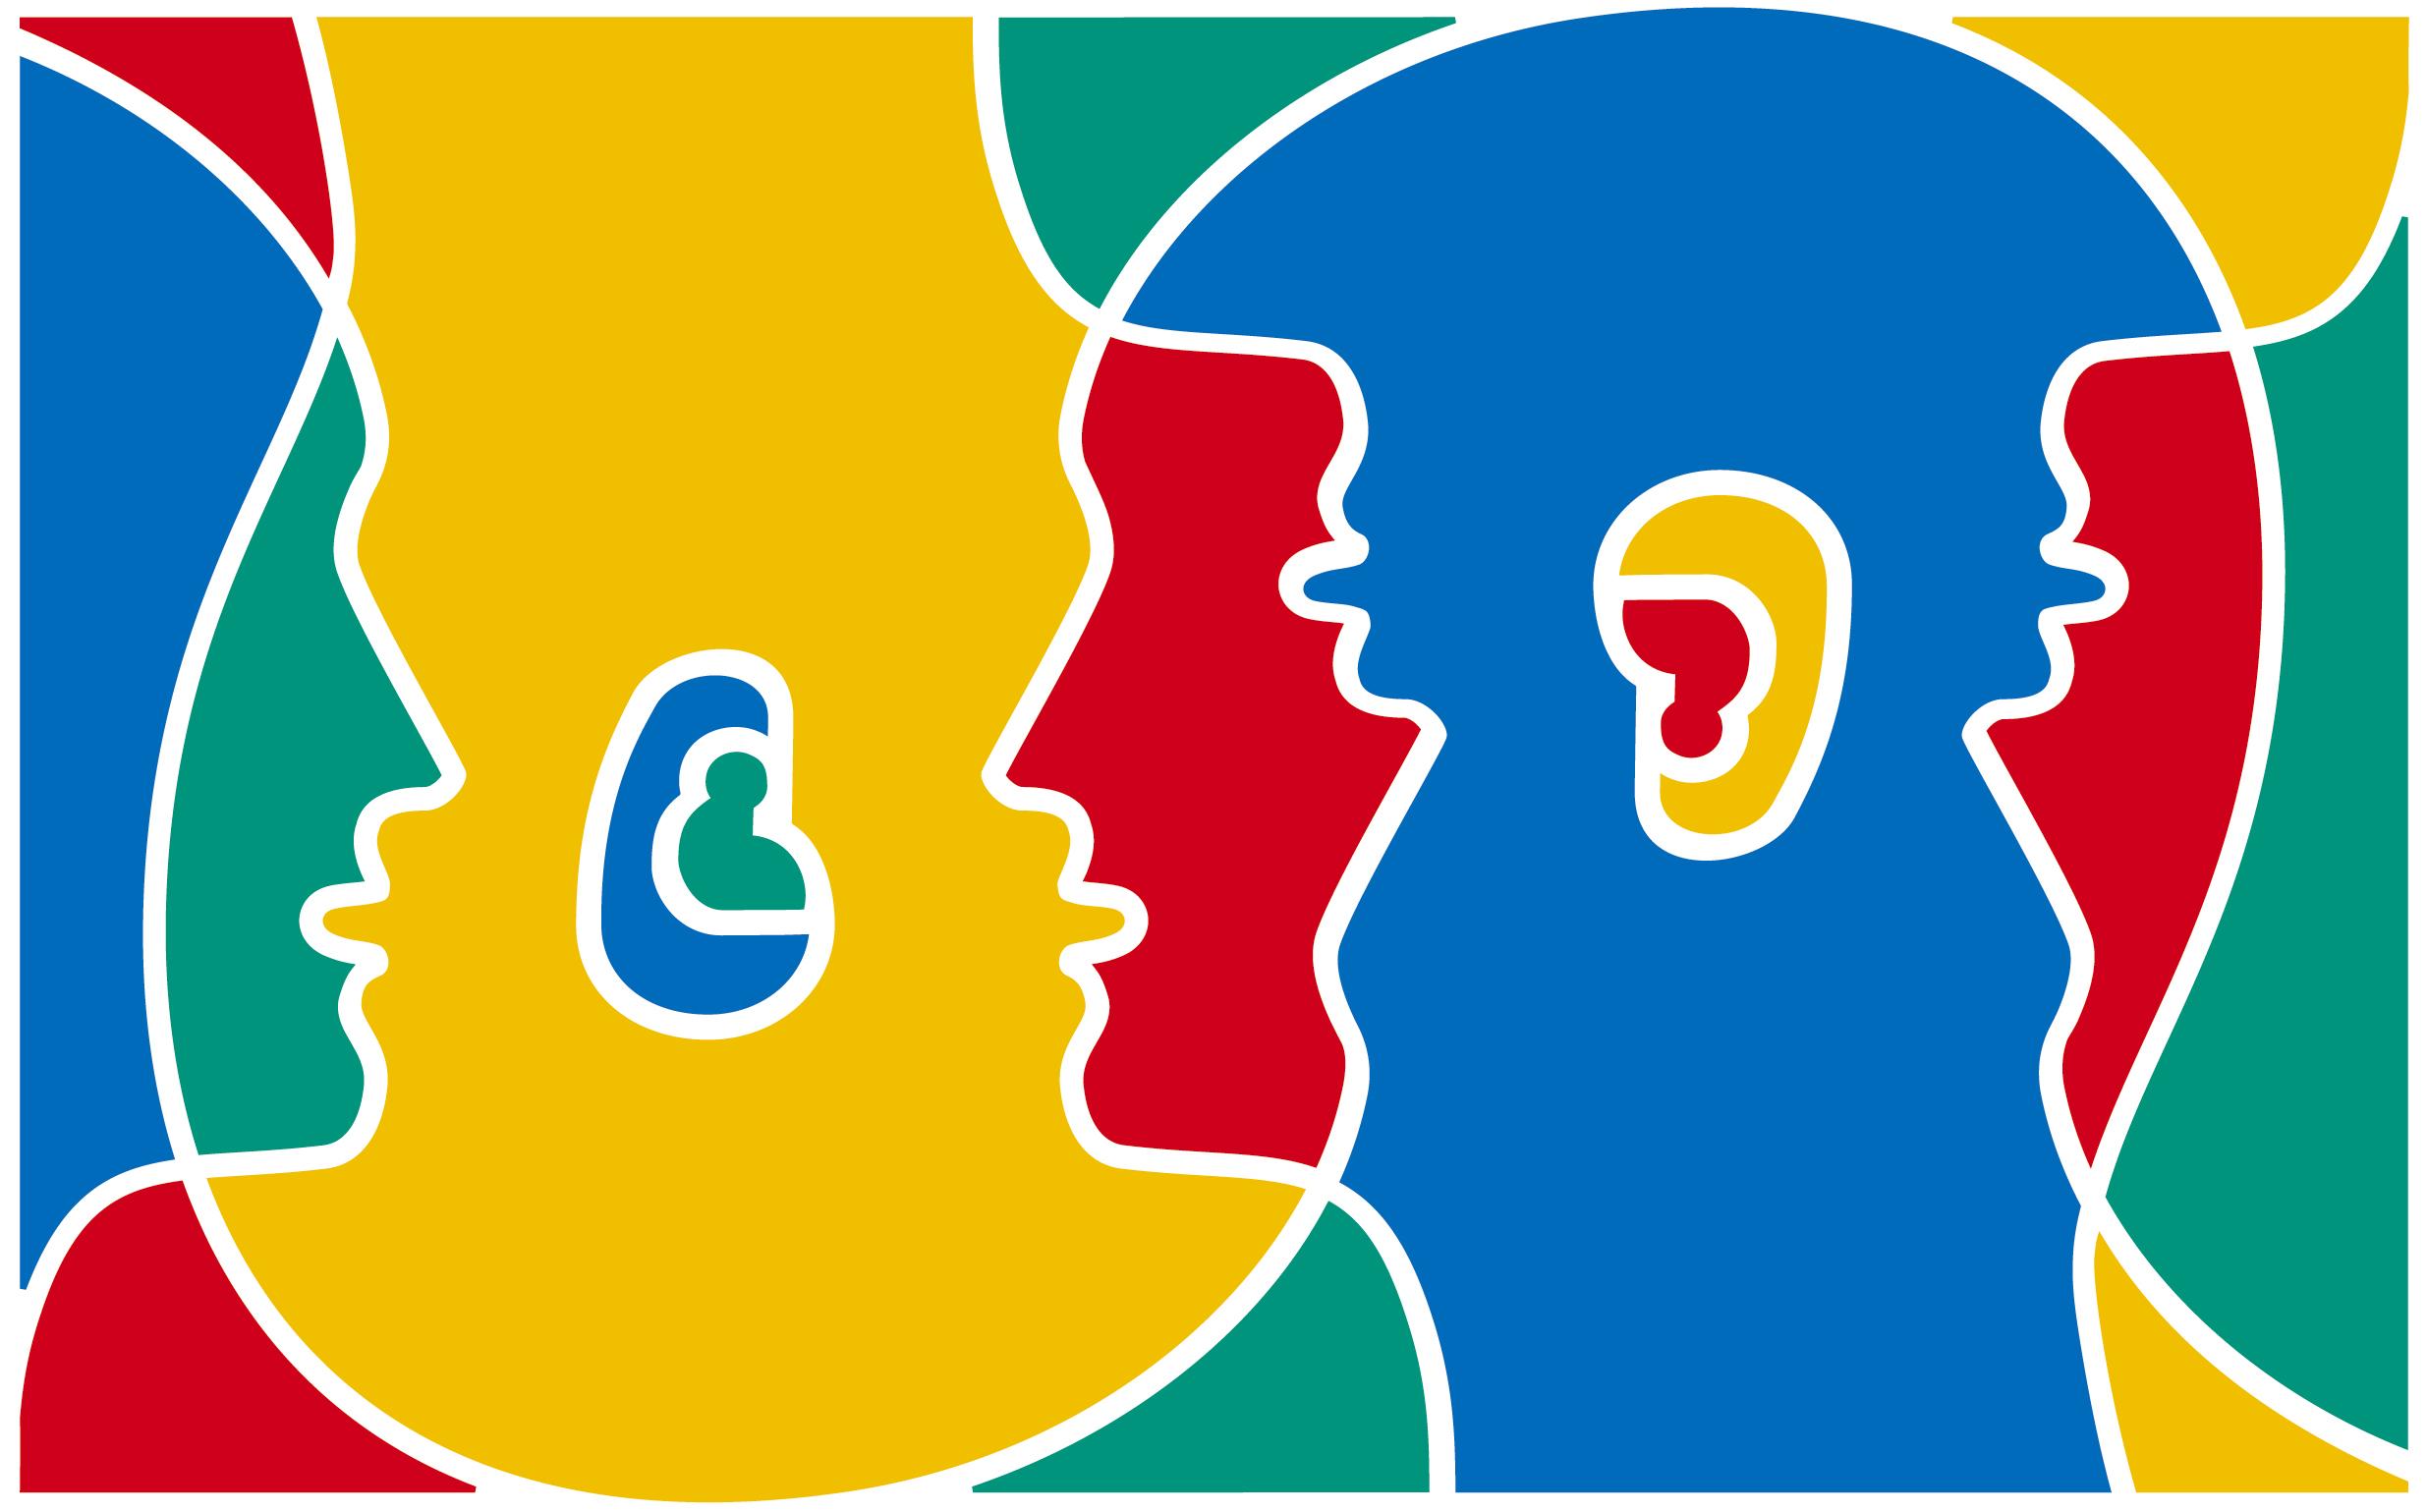 https://i1.wp.com/edl.ecml.at/Portals/33/images/EDL_Logo1.jpg